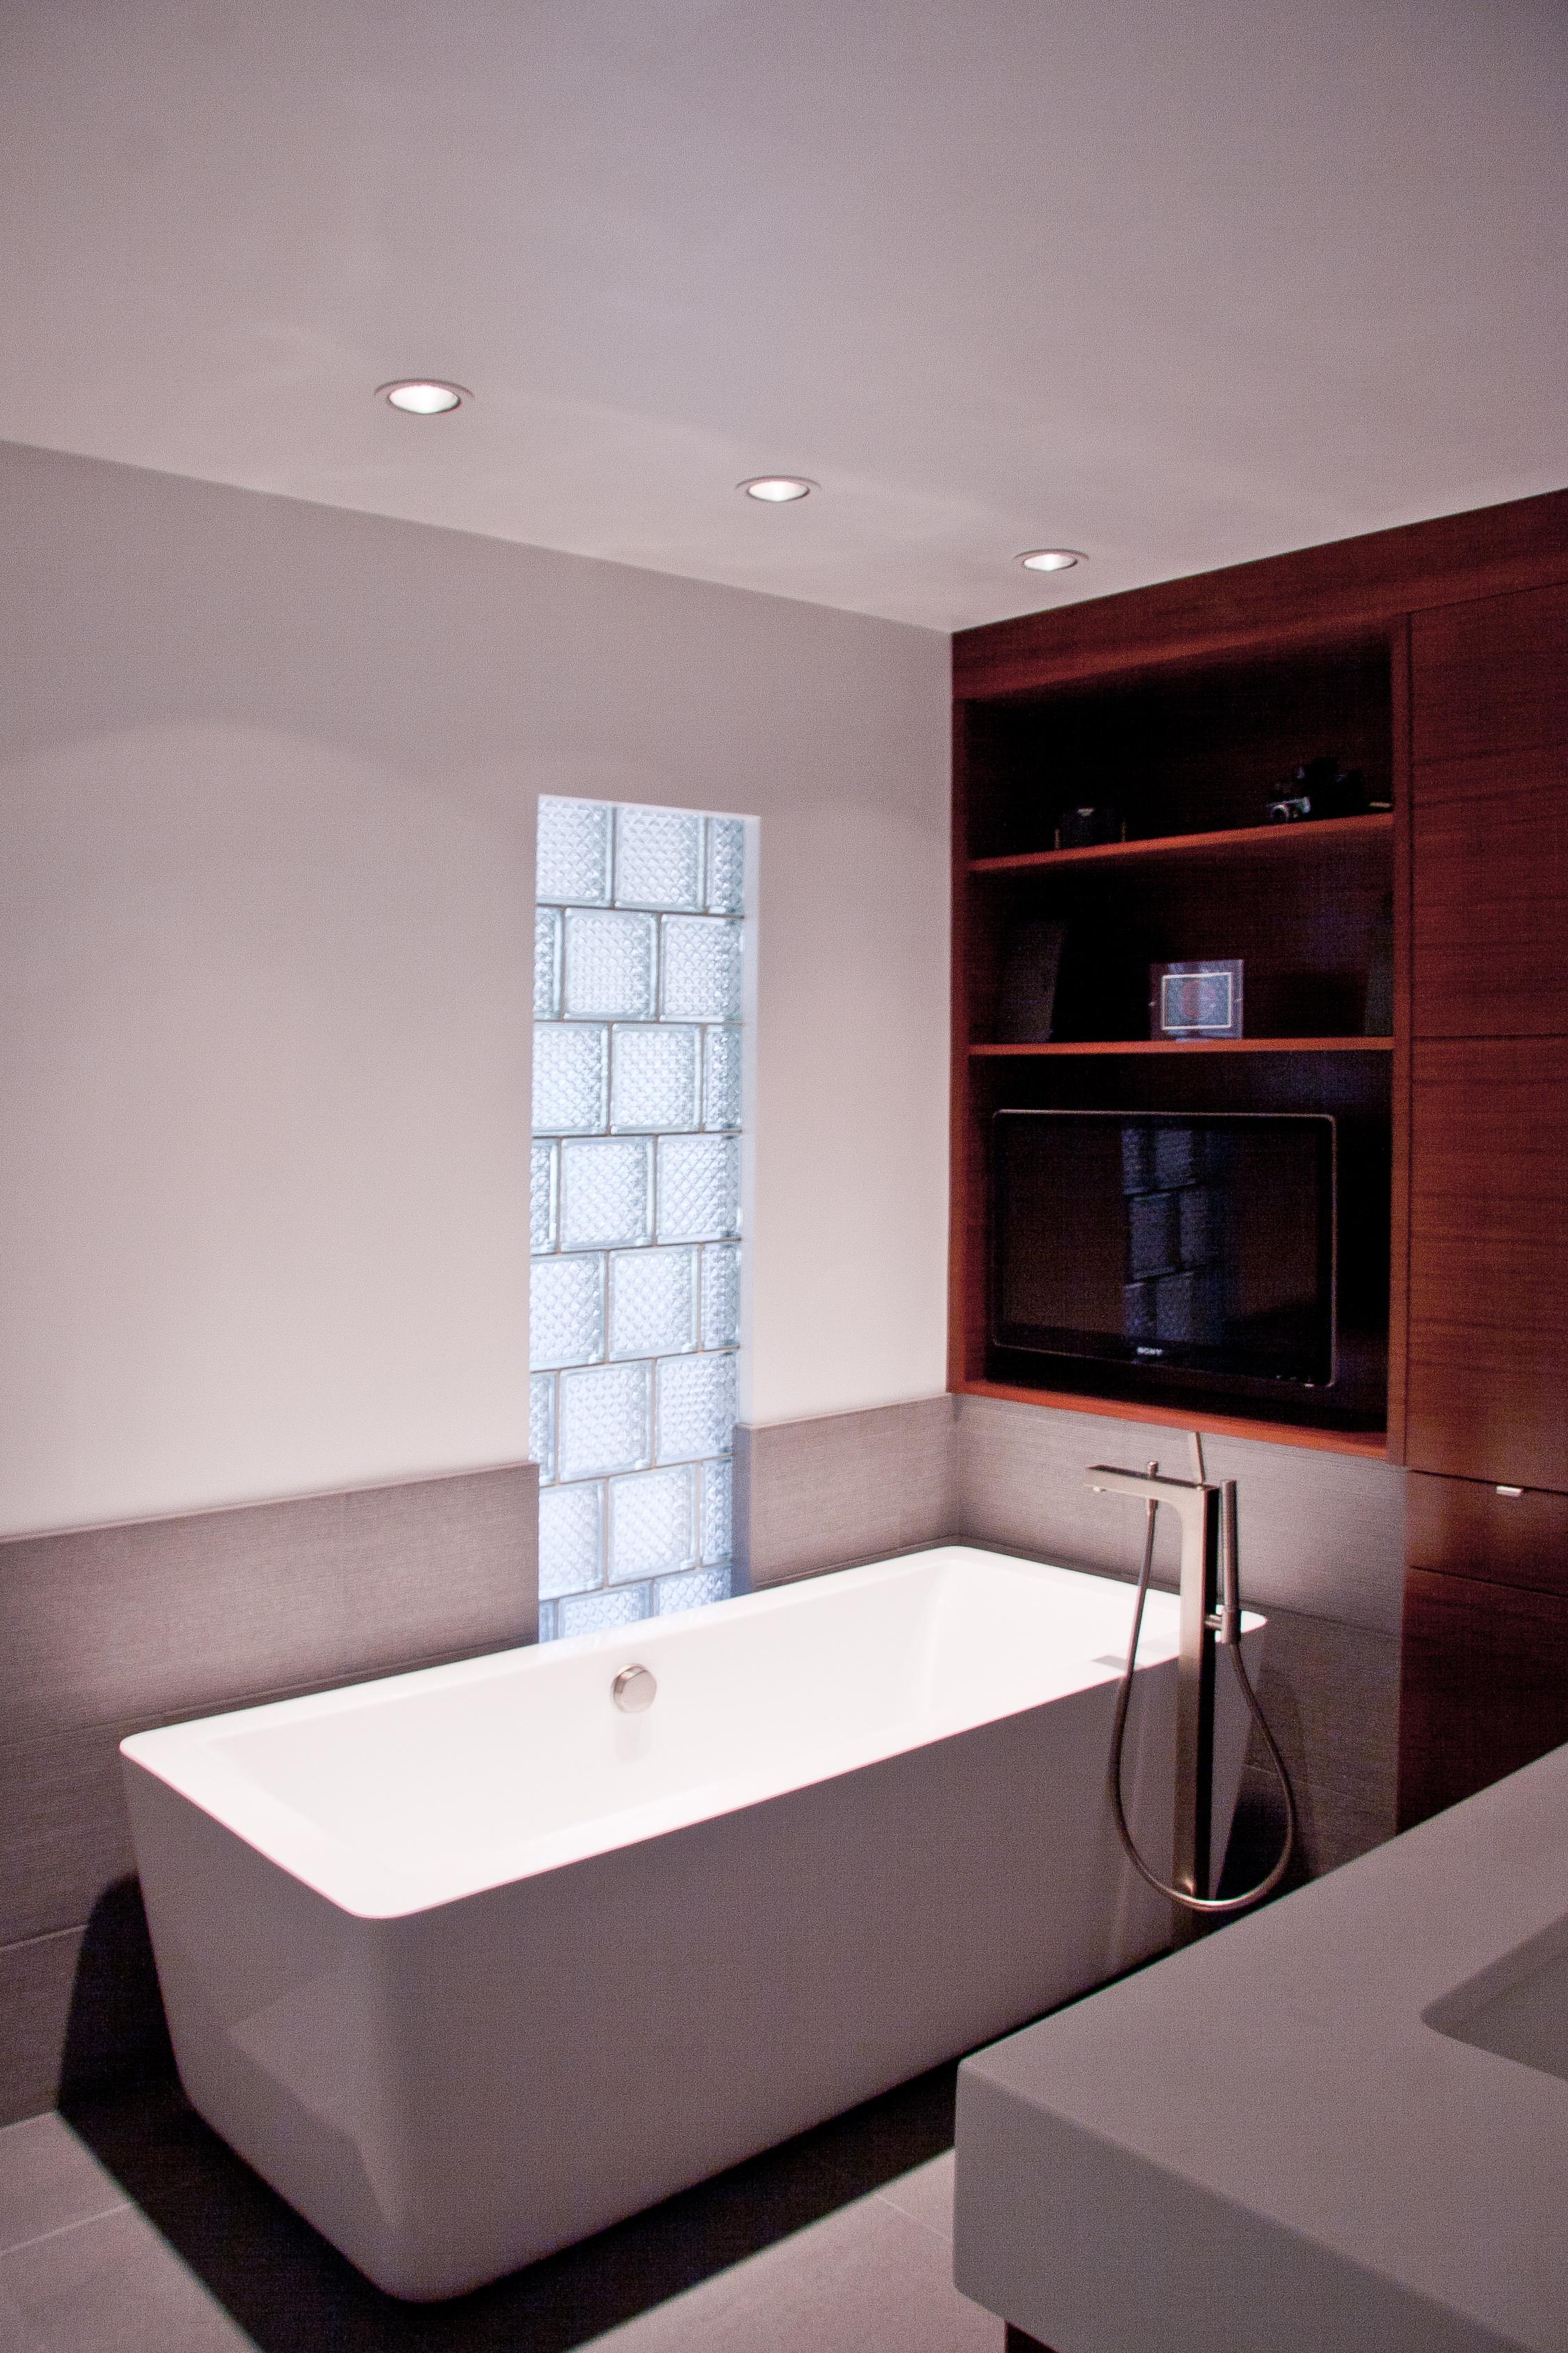 B & W Bathroom 2012 | Alex Freddi Construction, LLC.